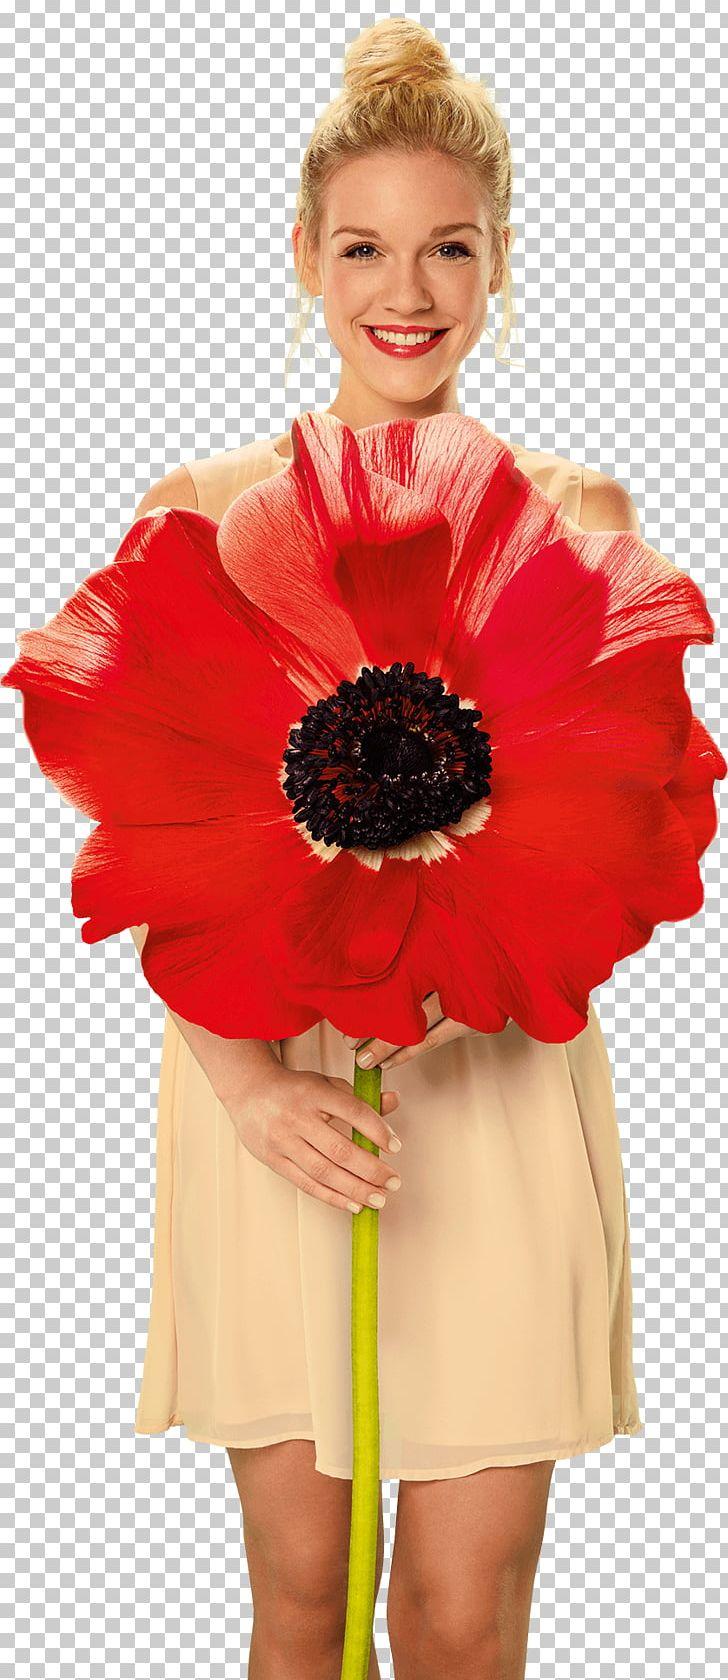 Cut Flowers Floral Design Floristry Flower Bouquet PNG, Clipart, Cocktail Dress, Costume, Cut Flowers, Dance Dress, Dress Free PNG Download